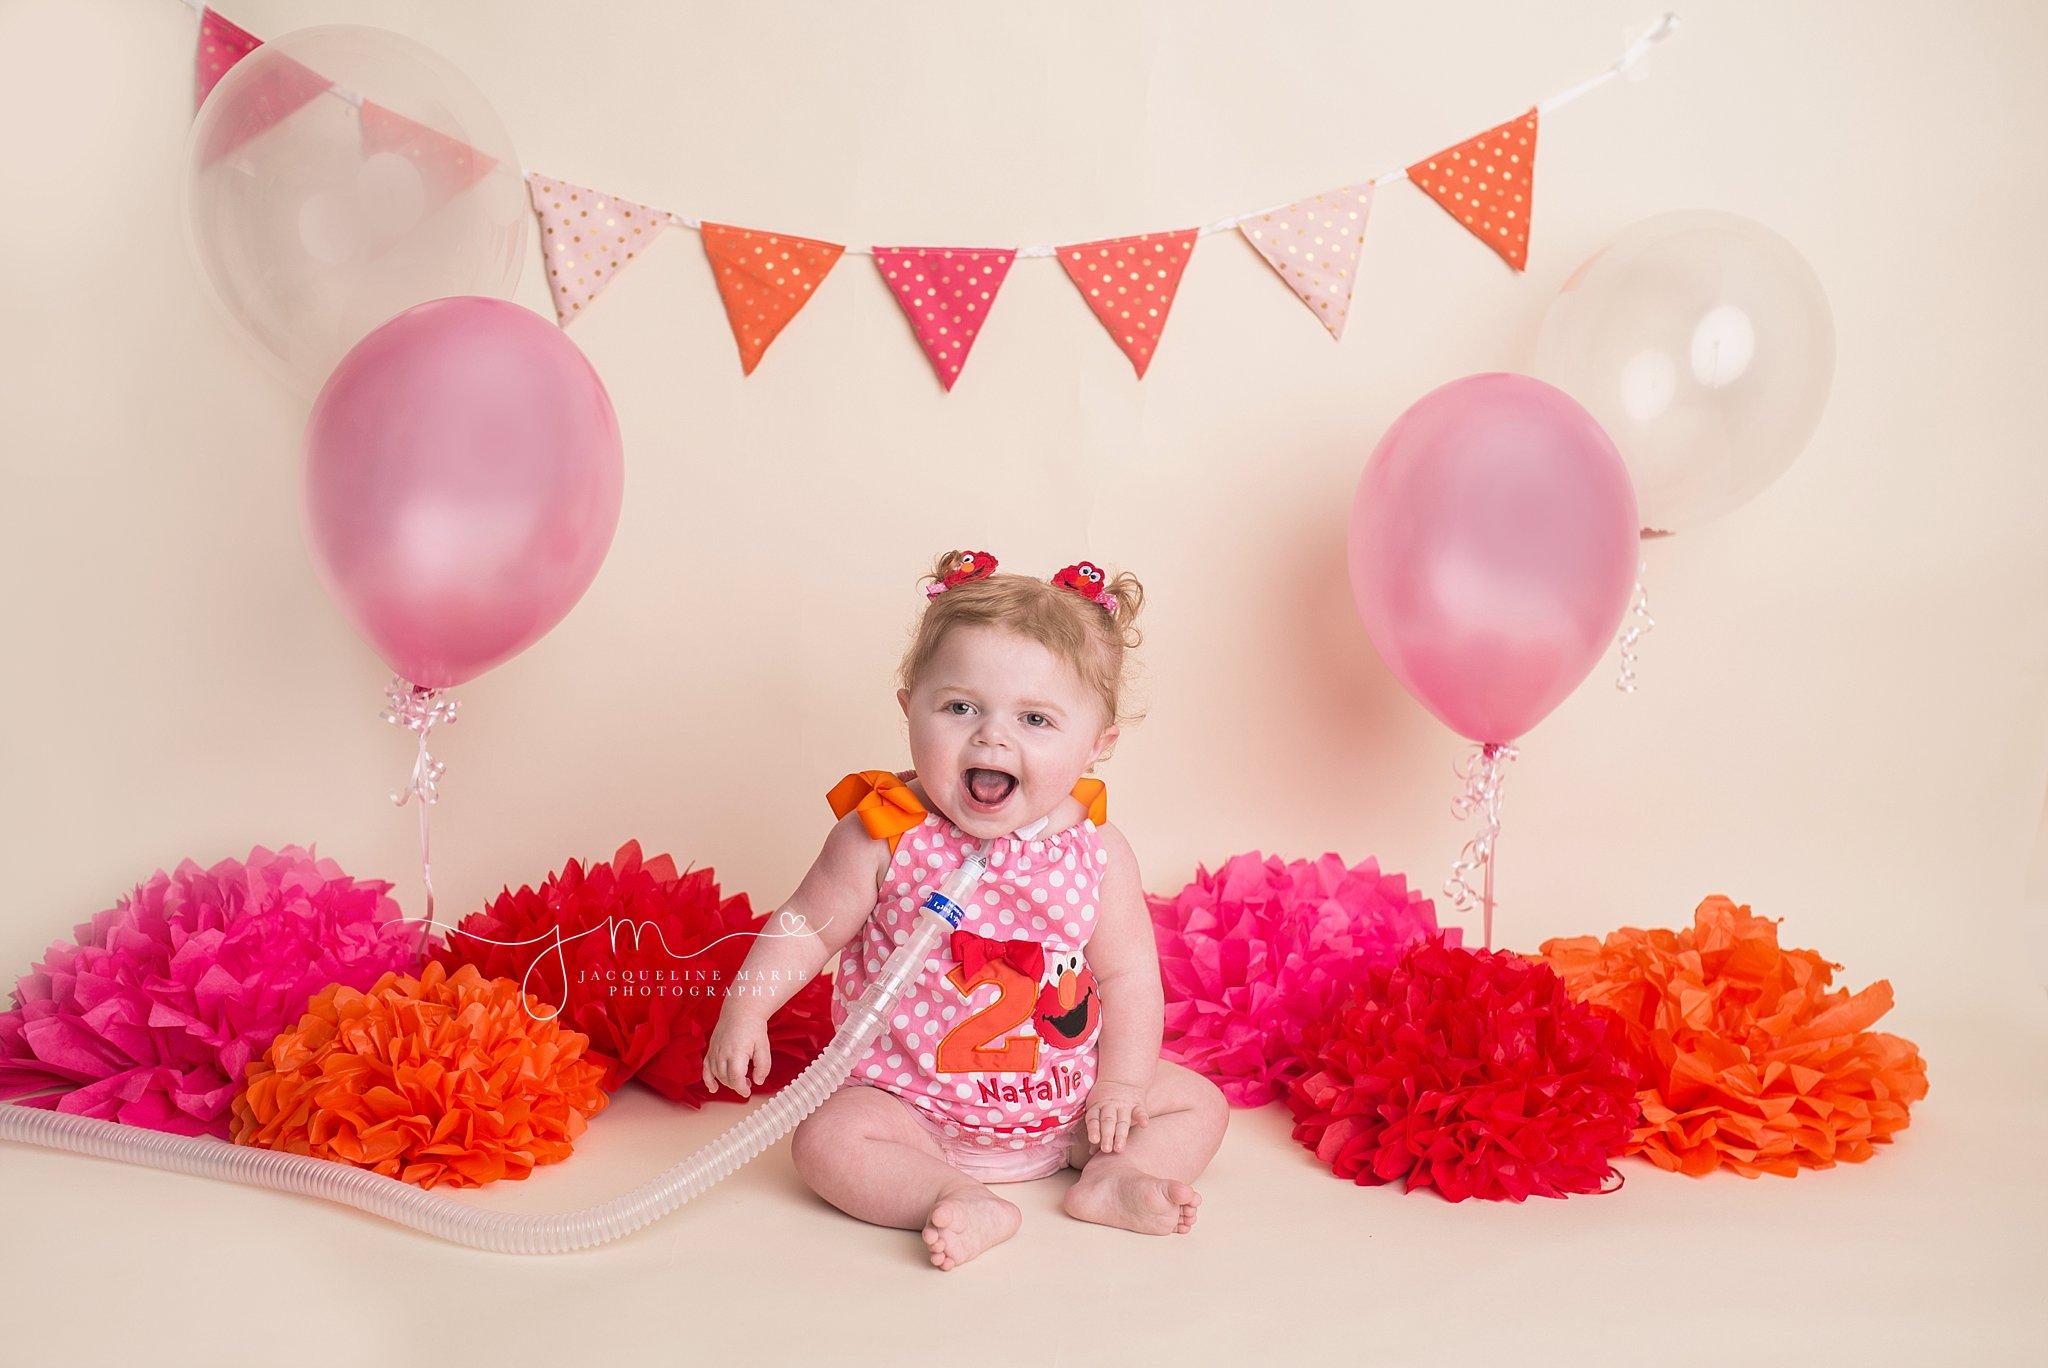 baby photography Columbus Ohio, birthday session, Elmo birthday portraits, Elmo birthday, second birthday pictures, Columbus Ohio child photographer